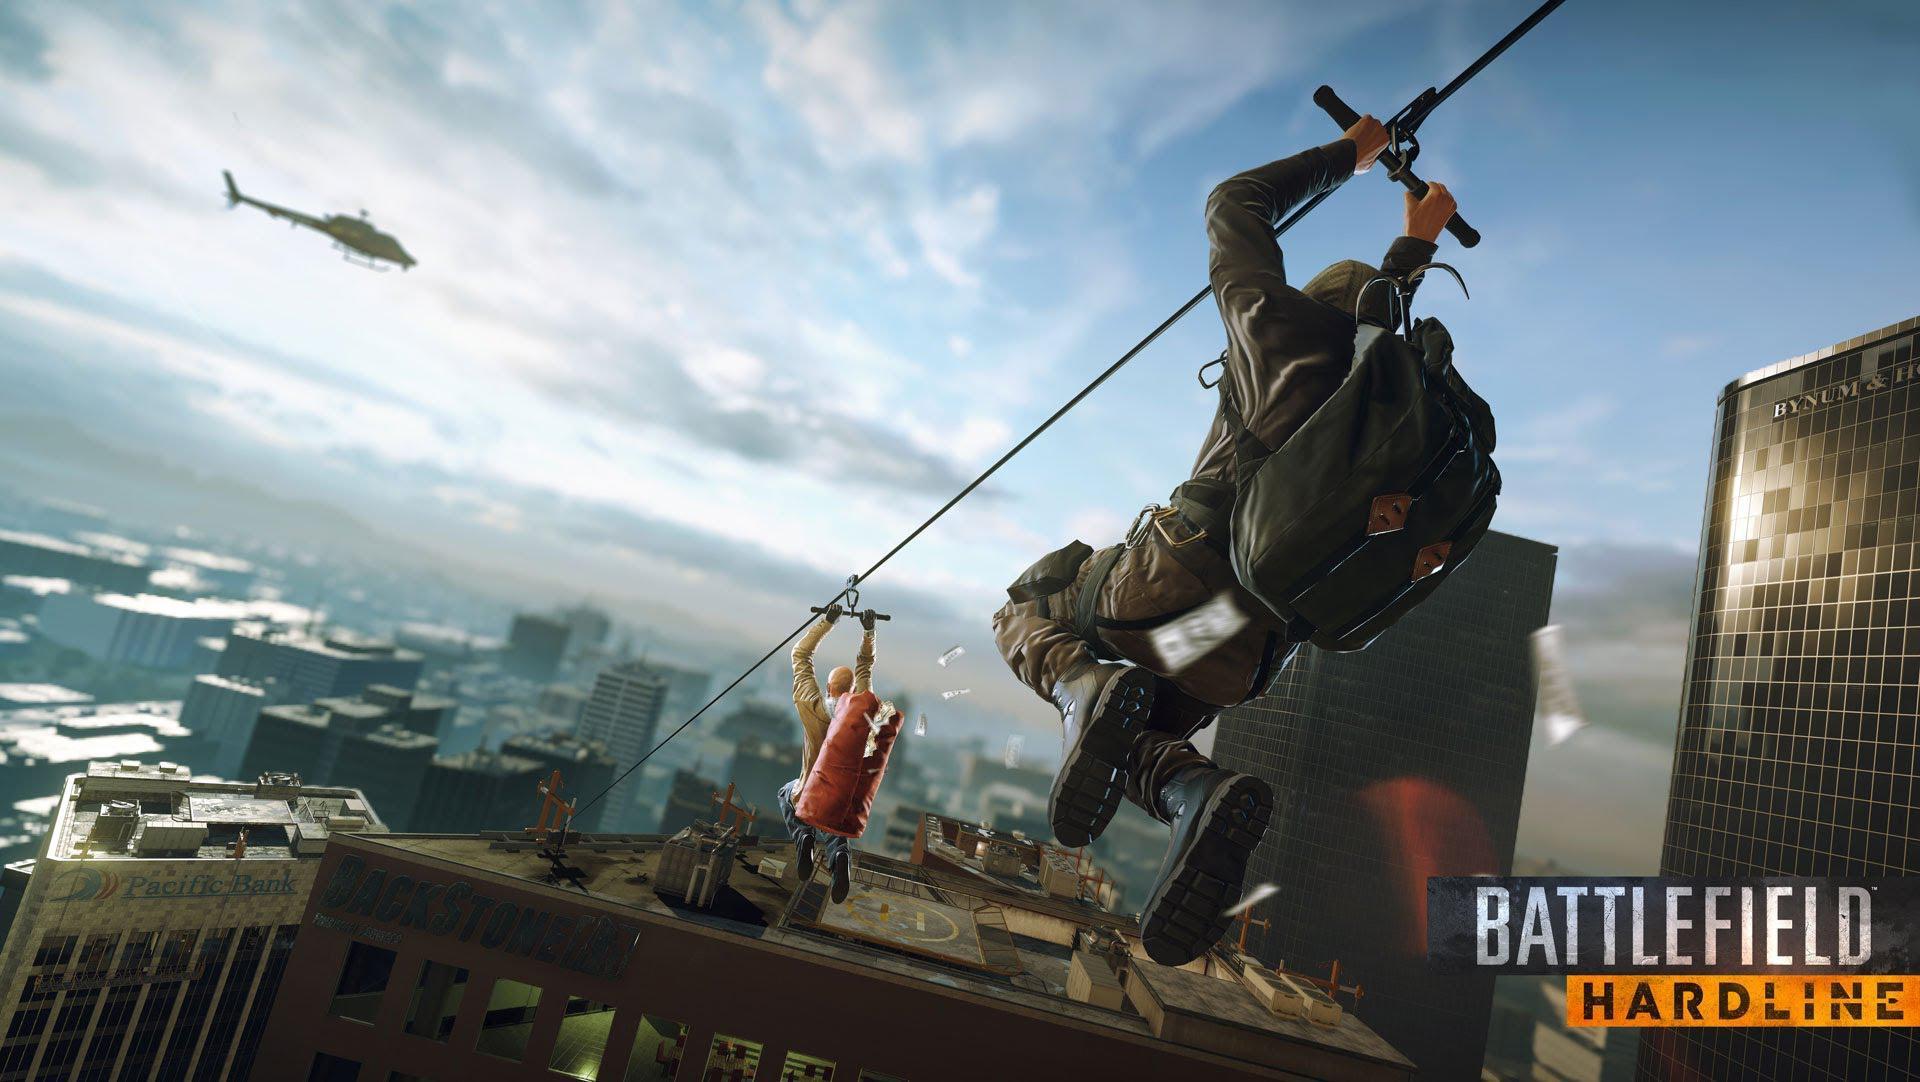 Battlefield Hardline primește gameplay în multiplayer la E3 2014